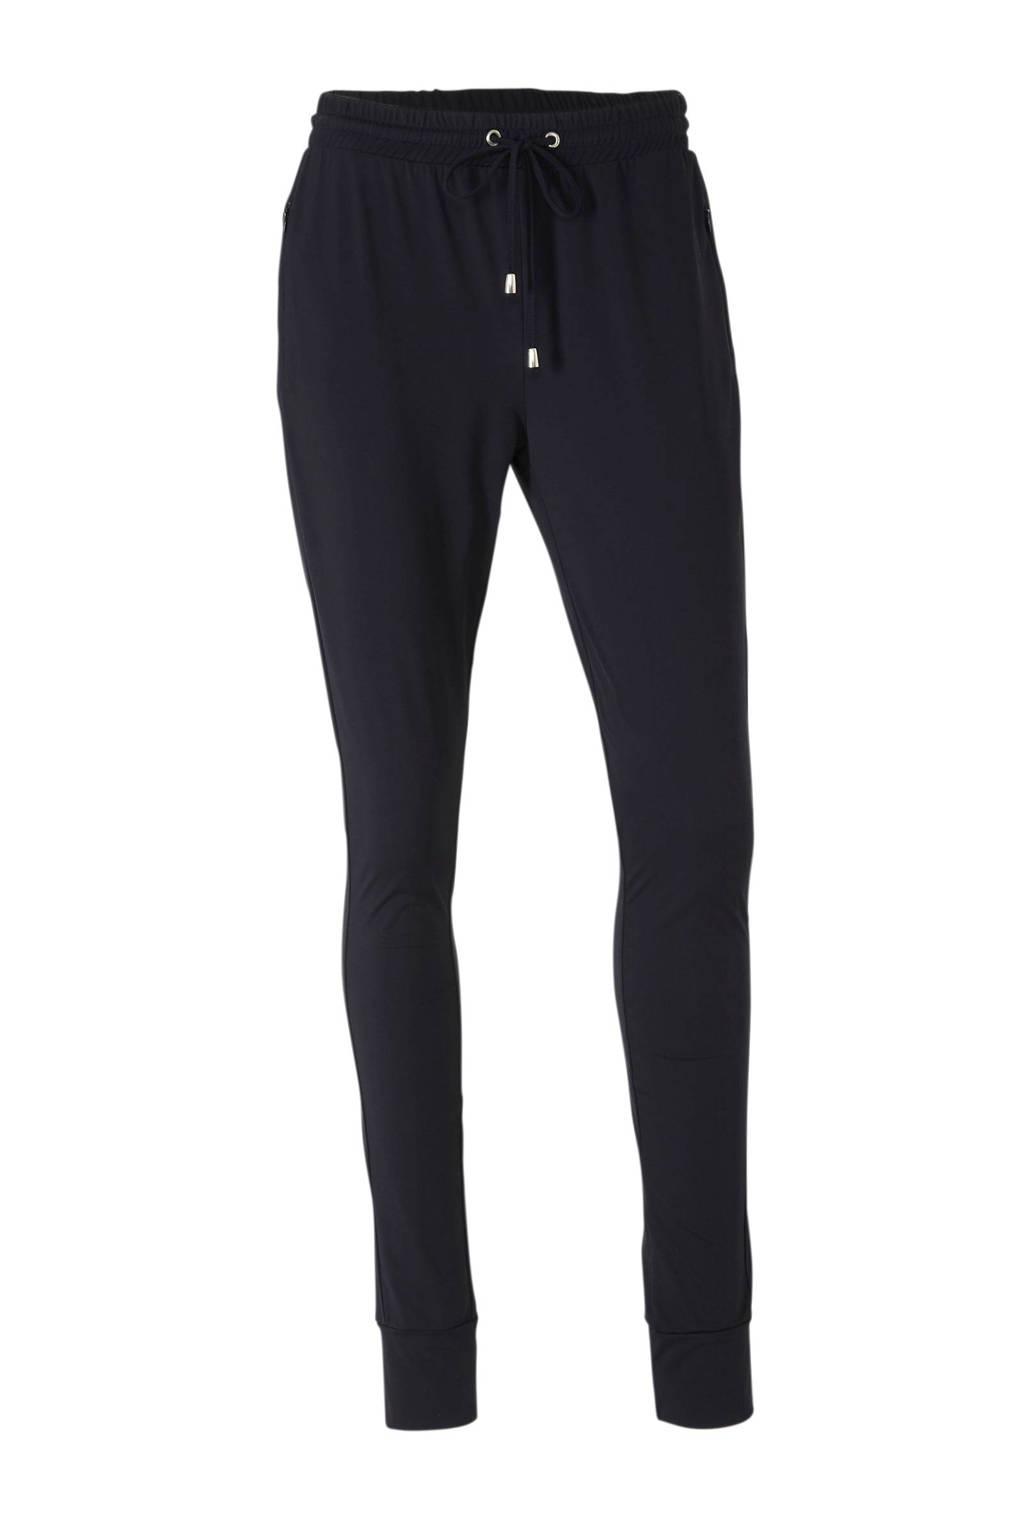 anytime loose fit legging in travel kwaliteit zwart, Zwart